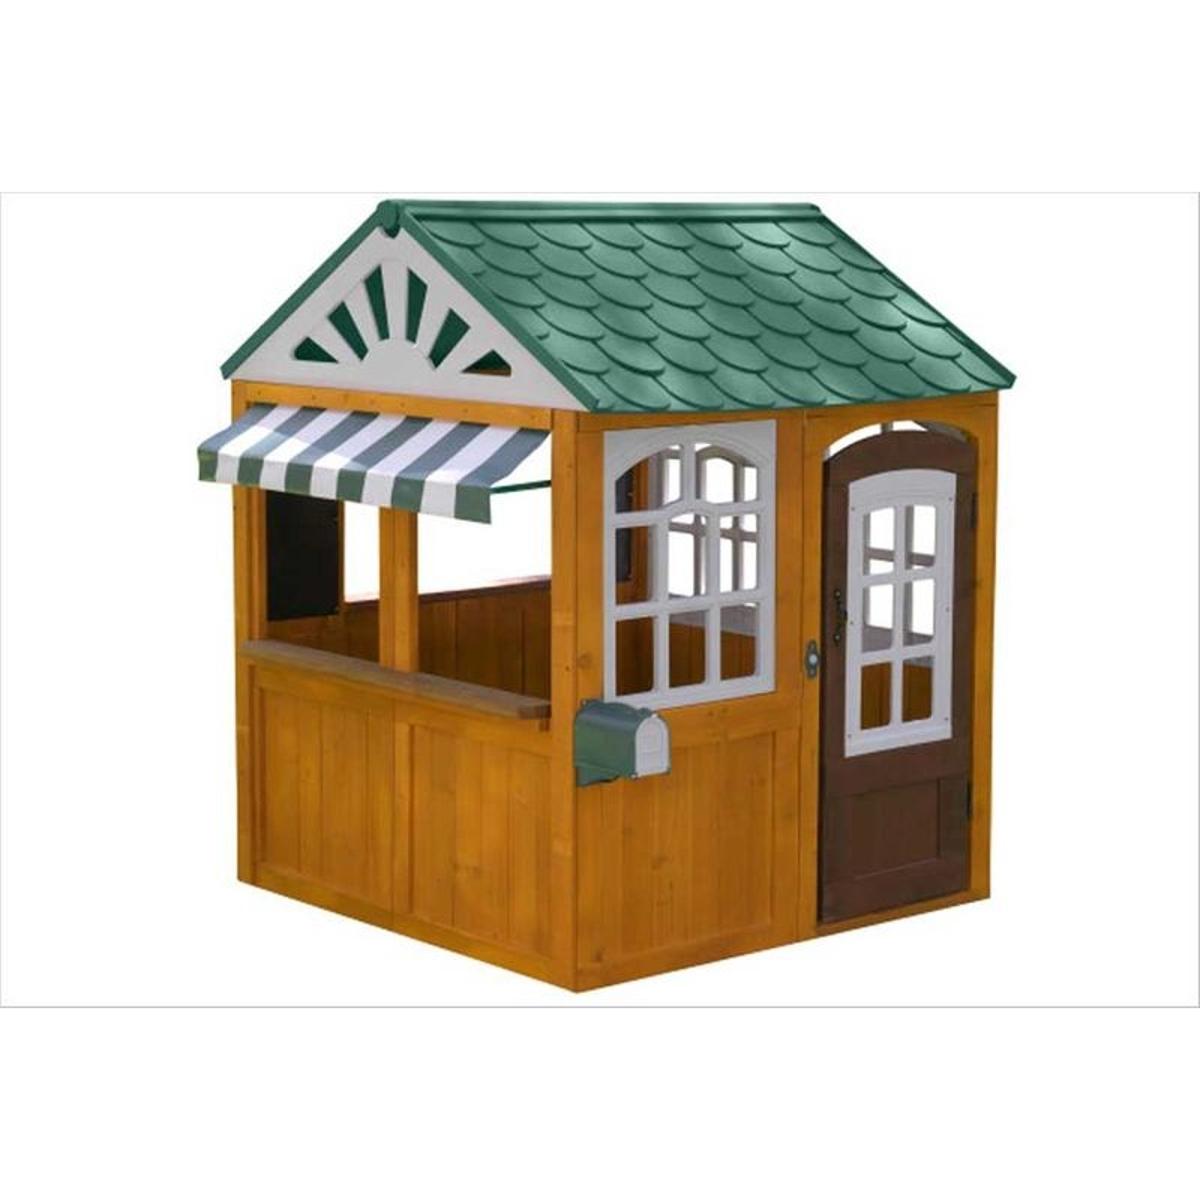 Cabane pour enfants en bois Garden View